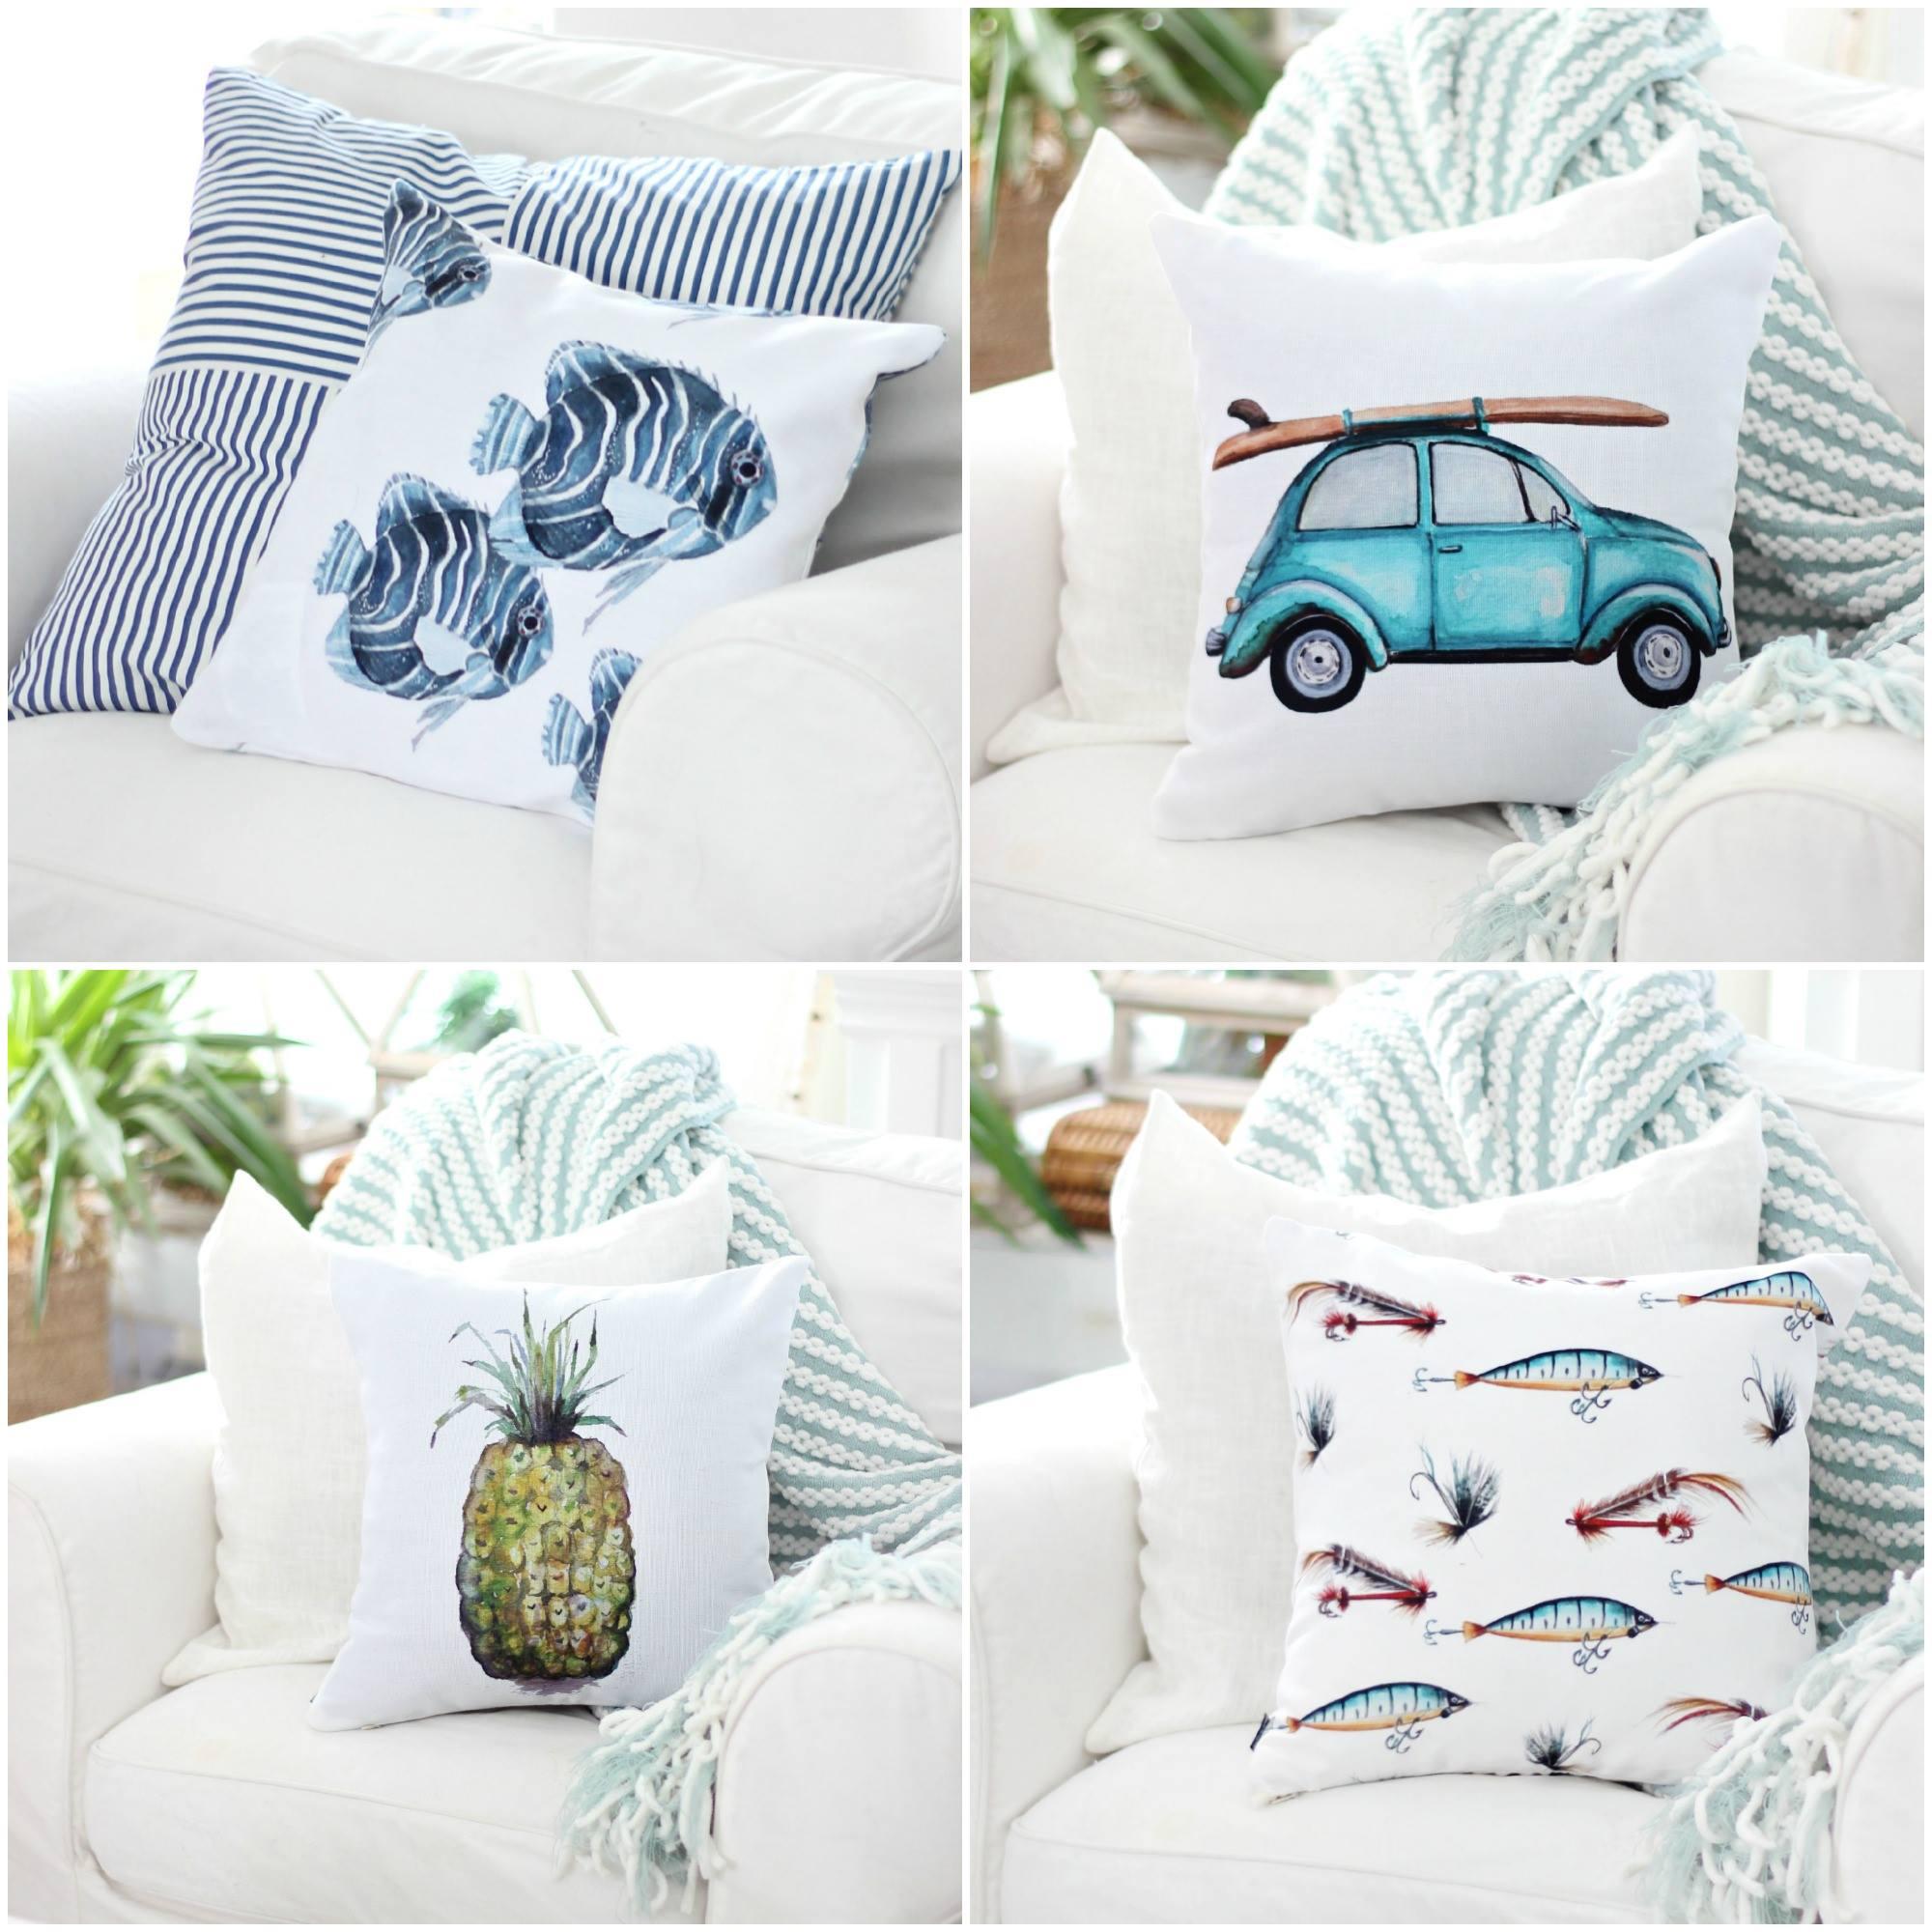 Craftberry Bush Pillows